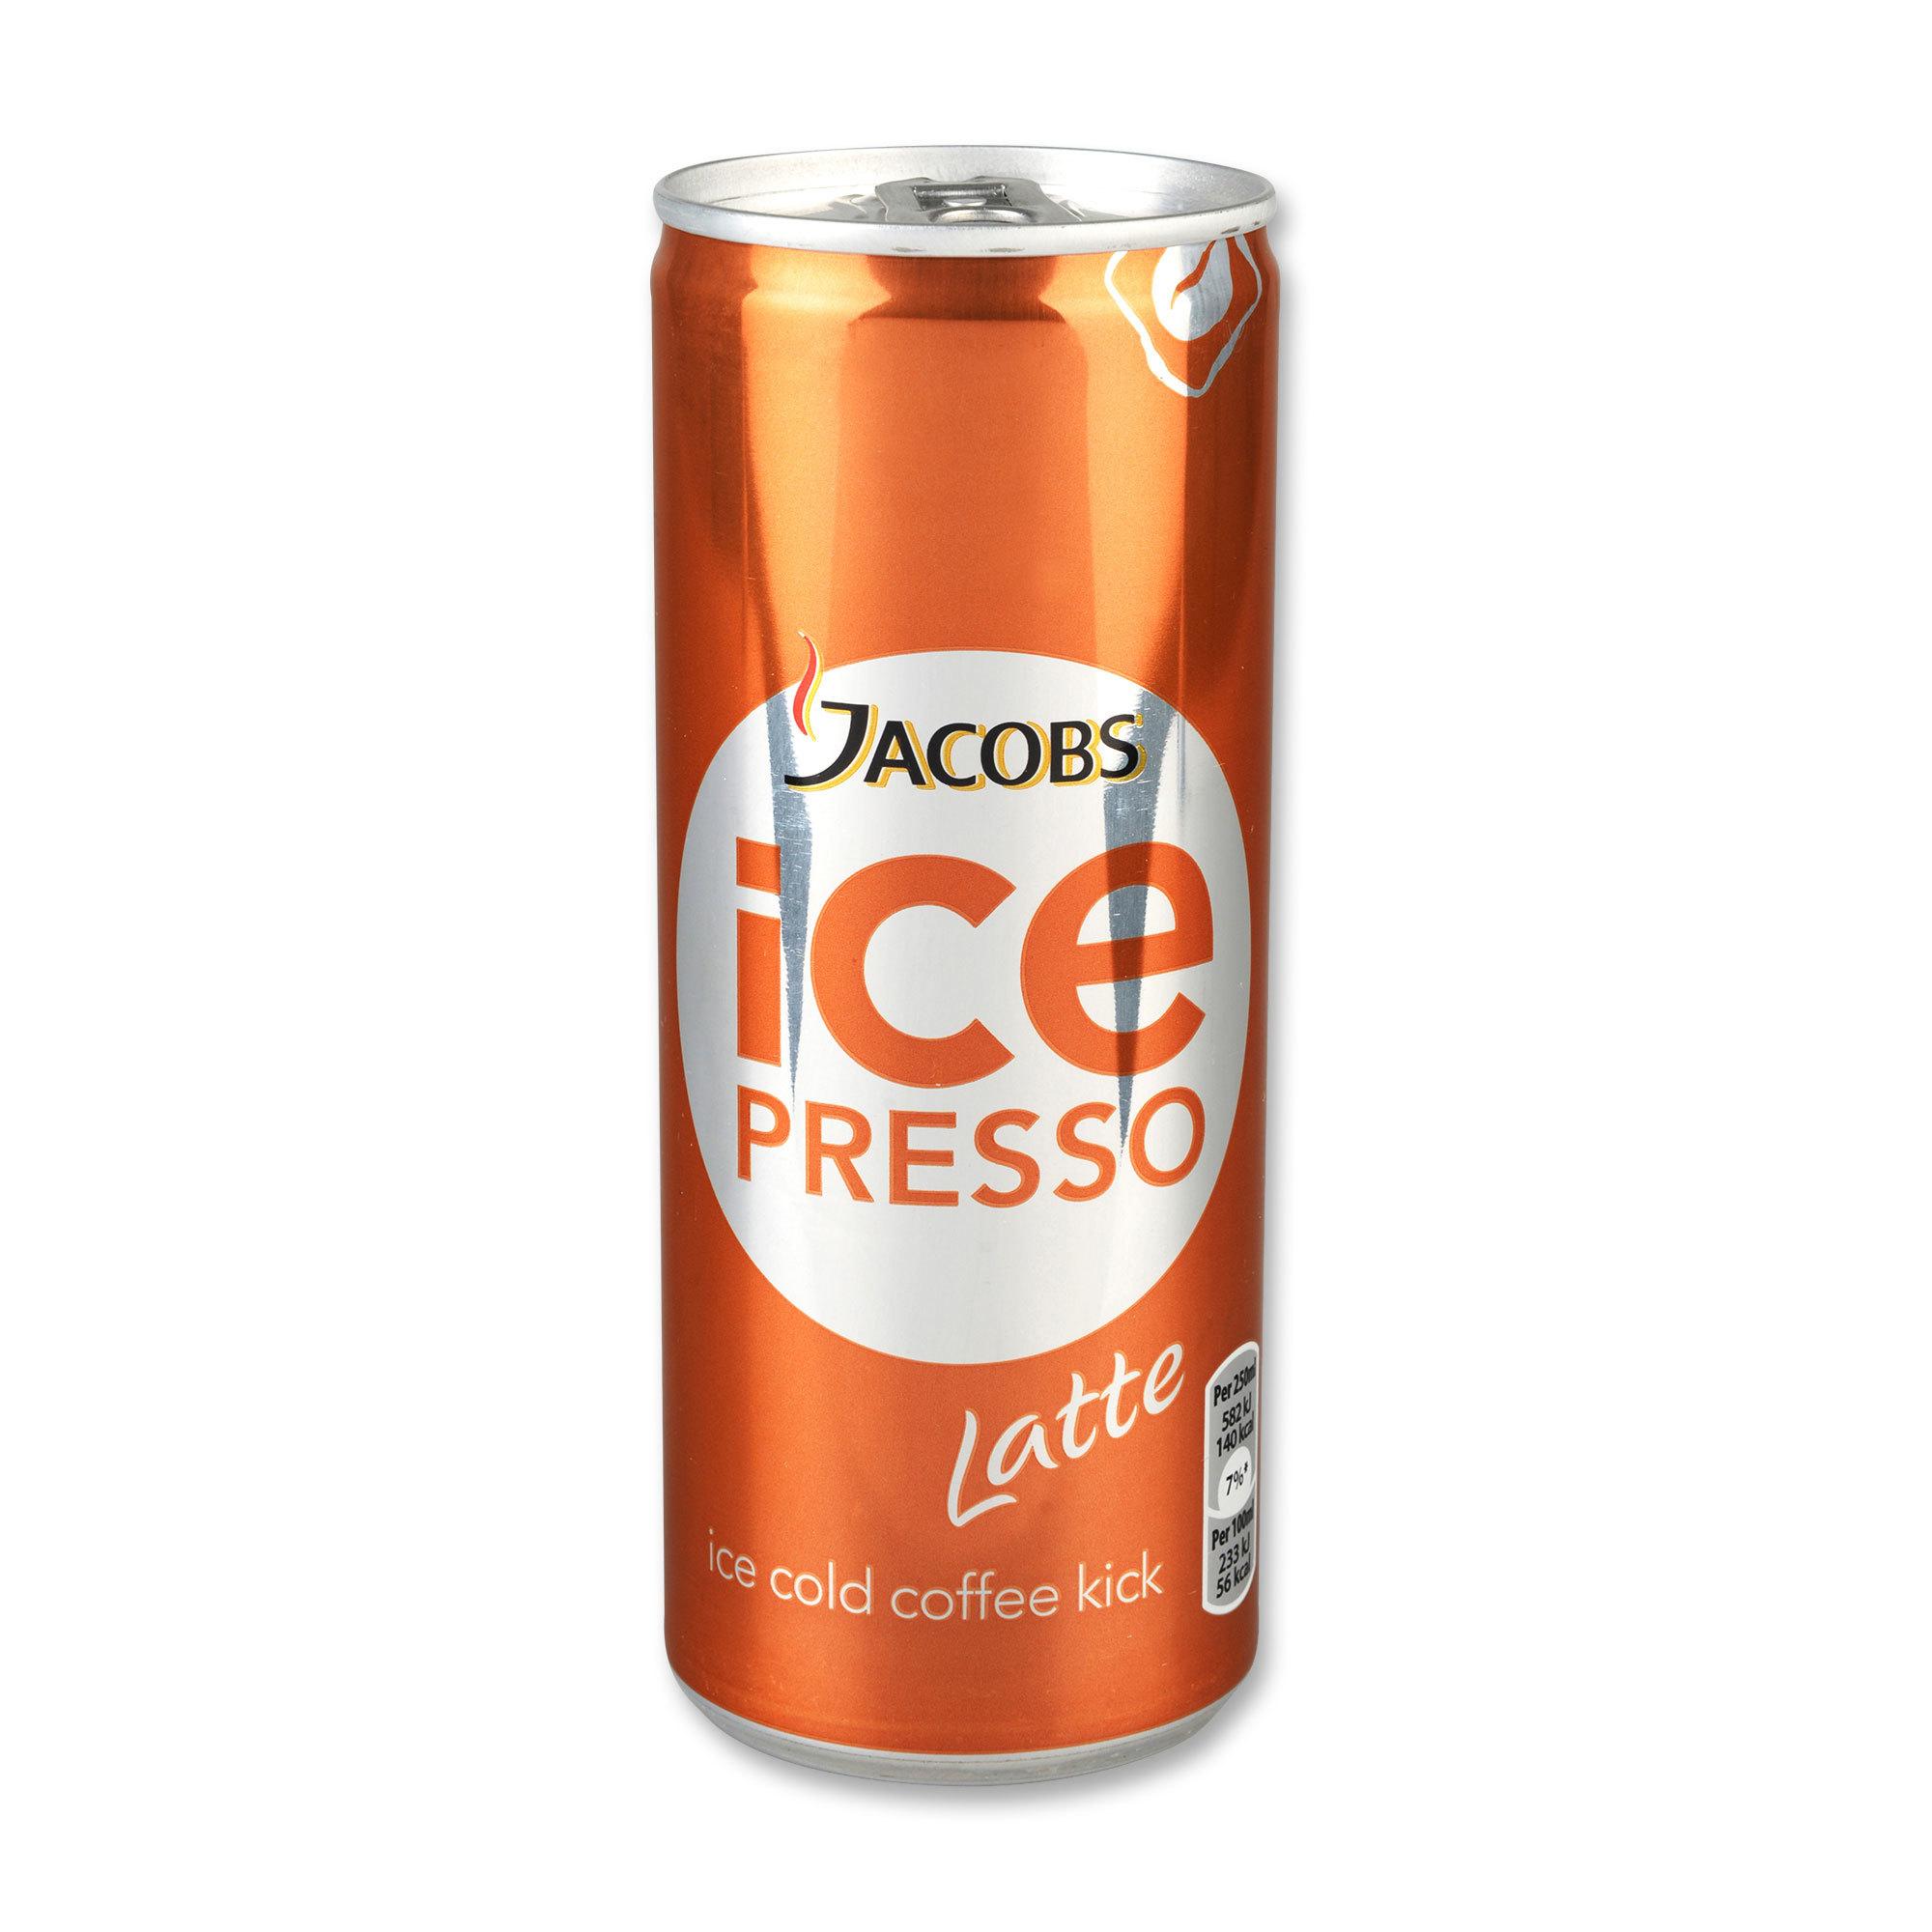 (lokal) Postenbörse Bünde: Jacobs icepresso 0,25l-Dose für 0,10€ statt für z.B. 1,19€